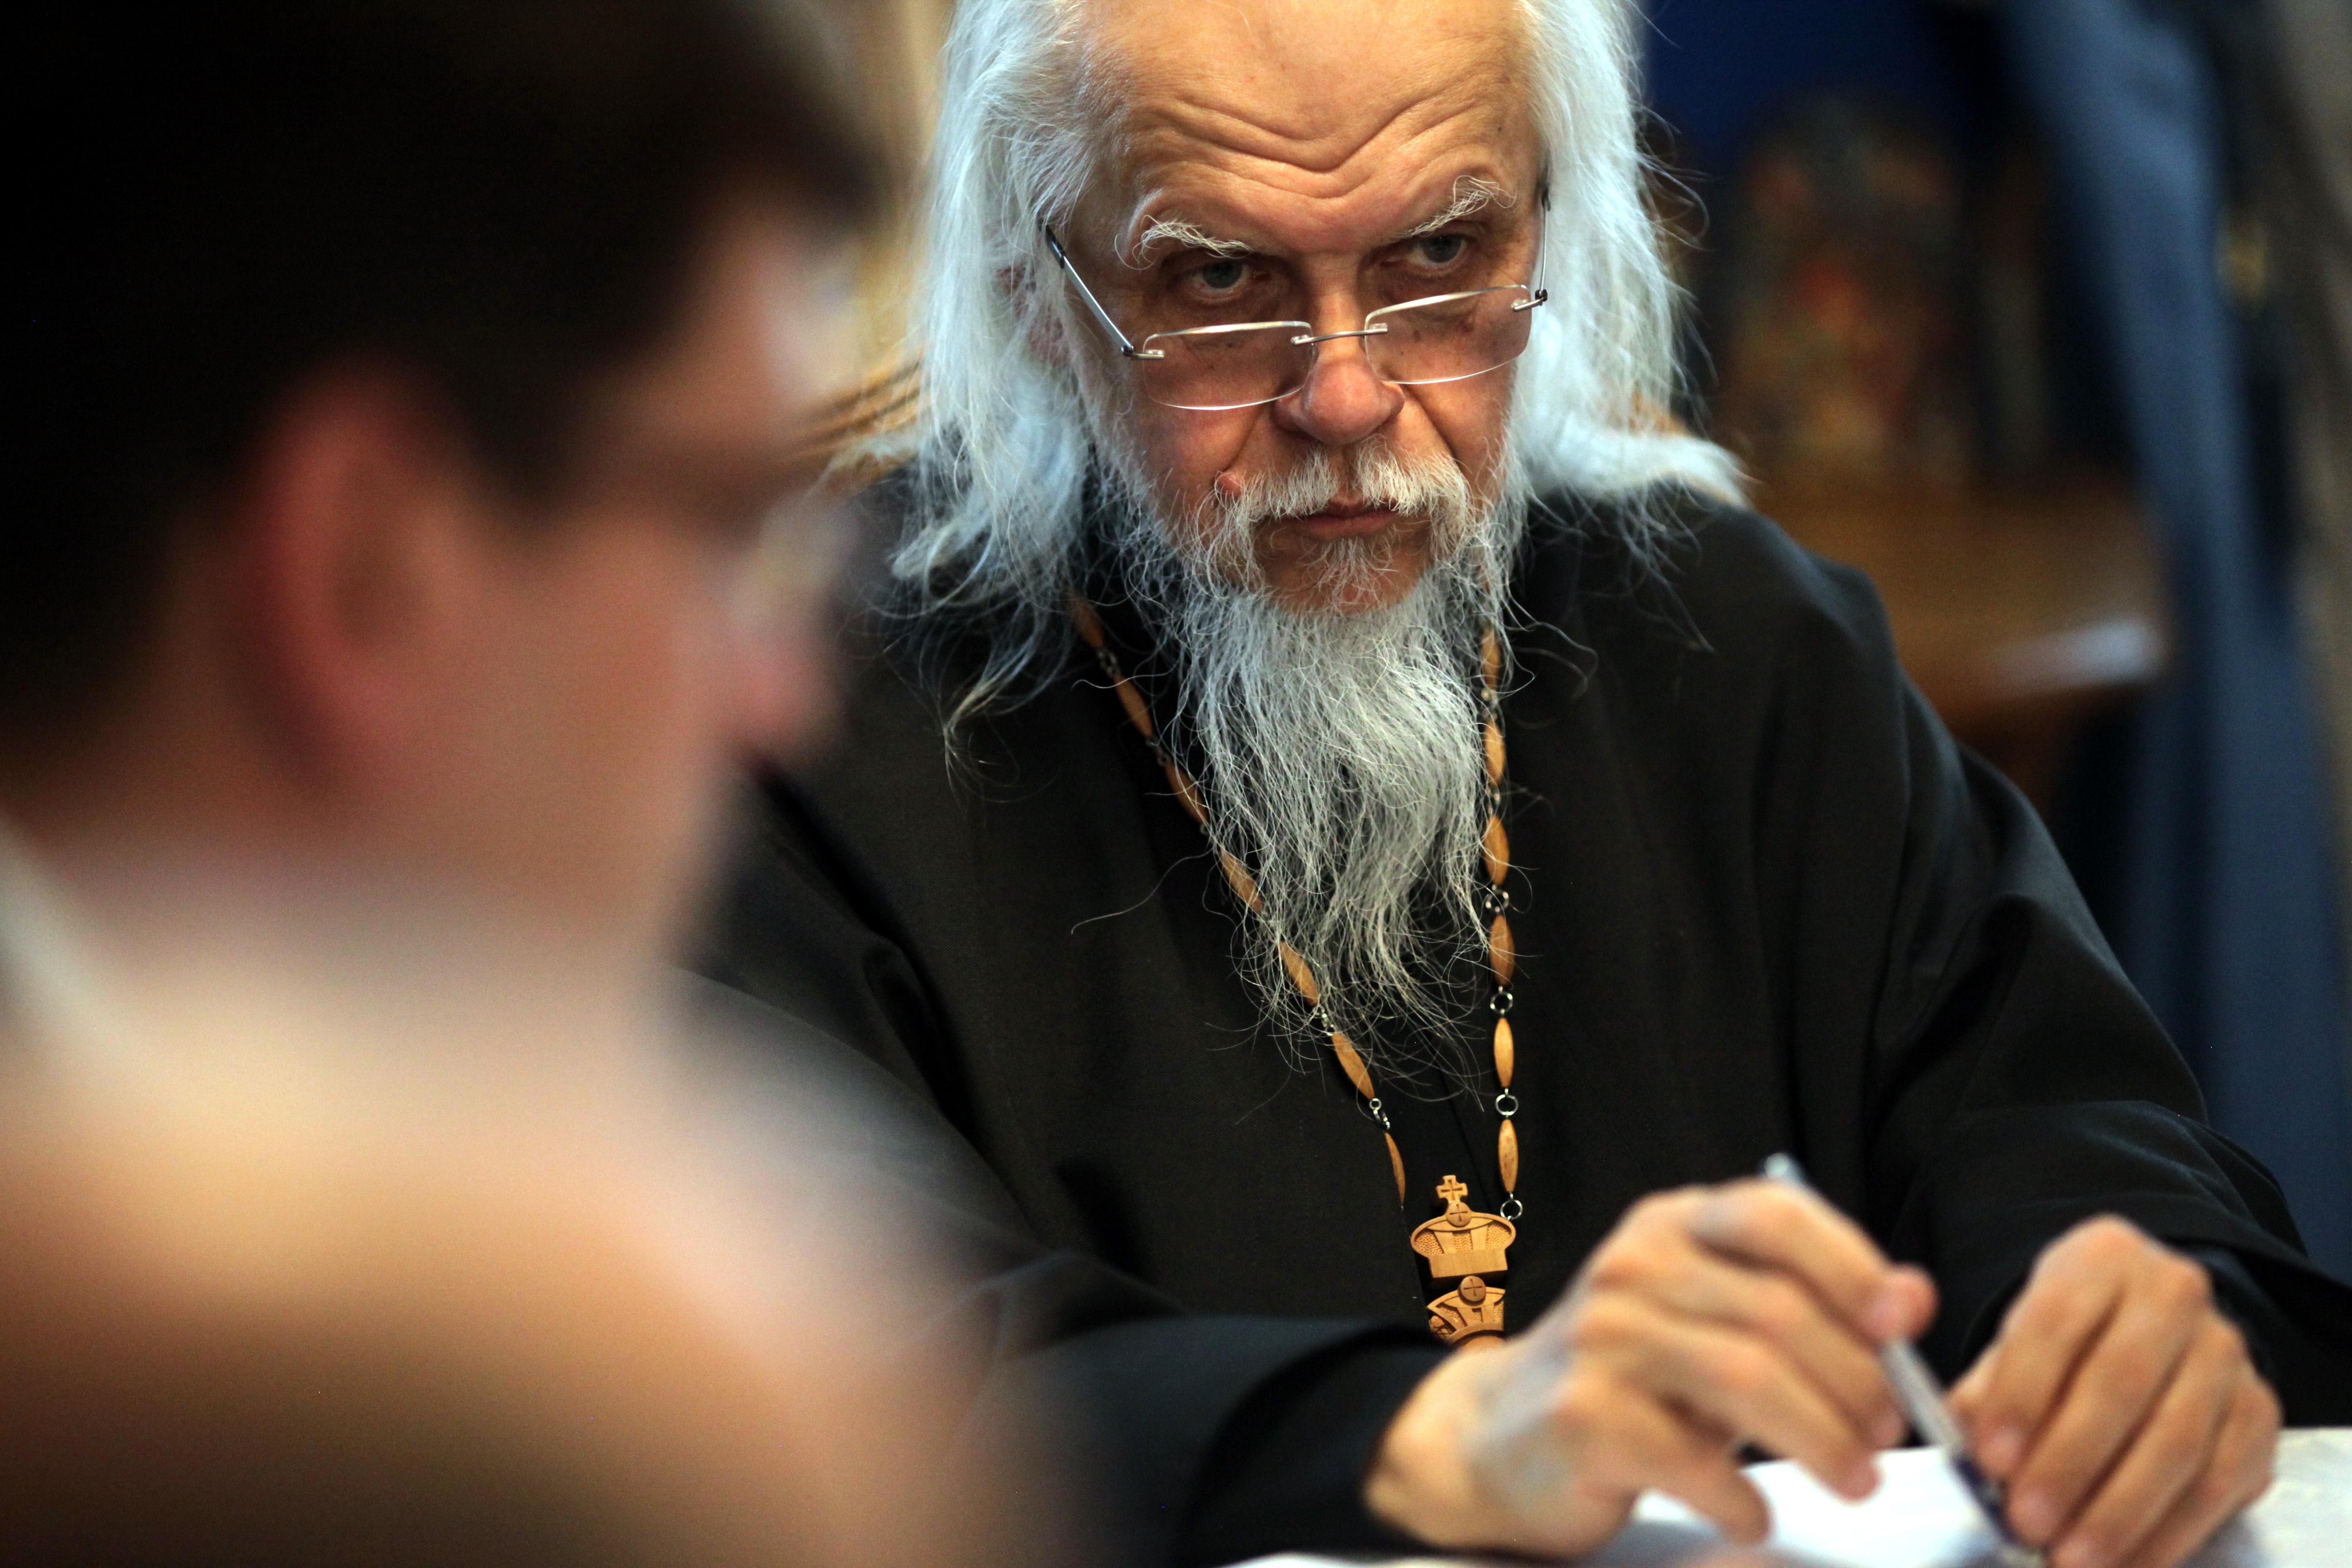 Епископ Пантелеимон: Зараженные COVID-19 просят нас прийти в больницы